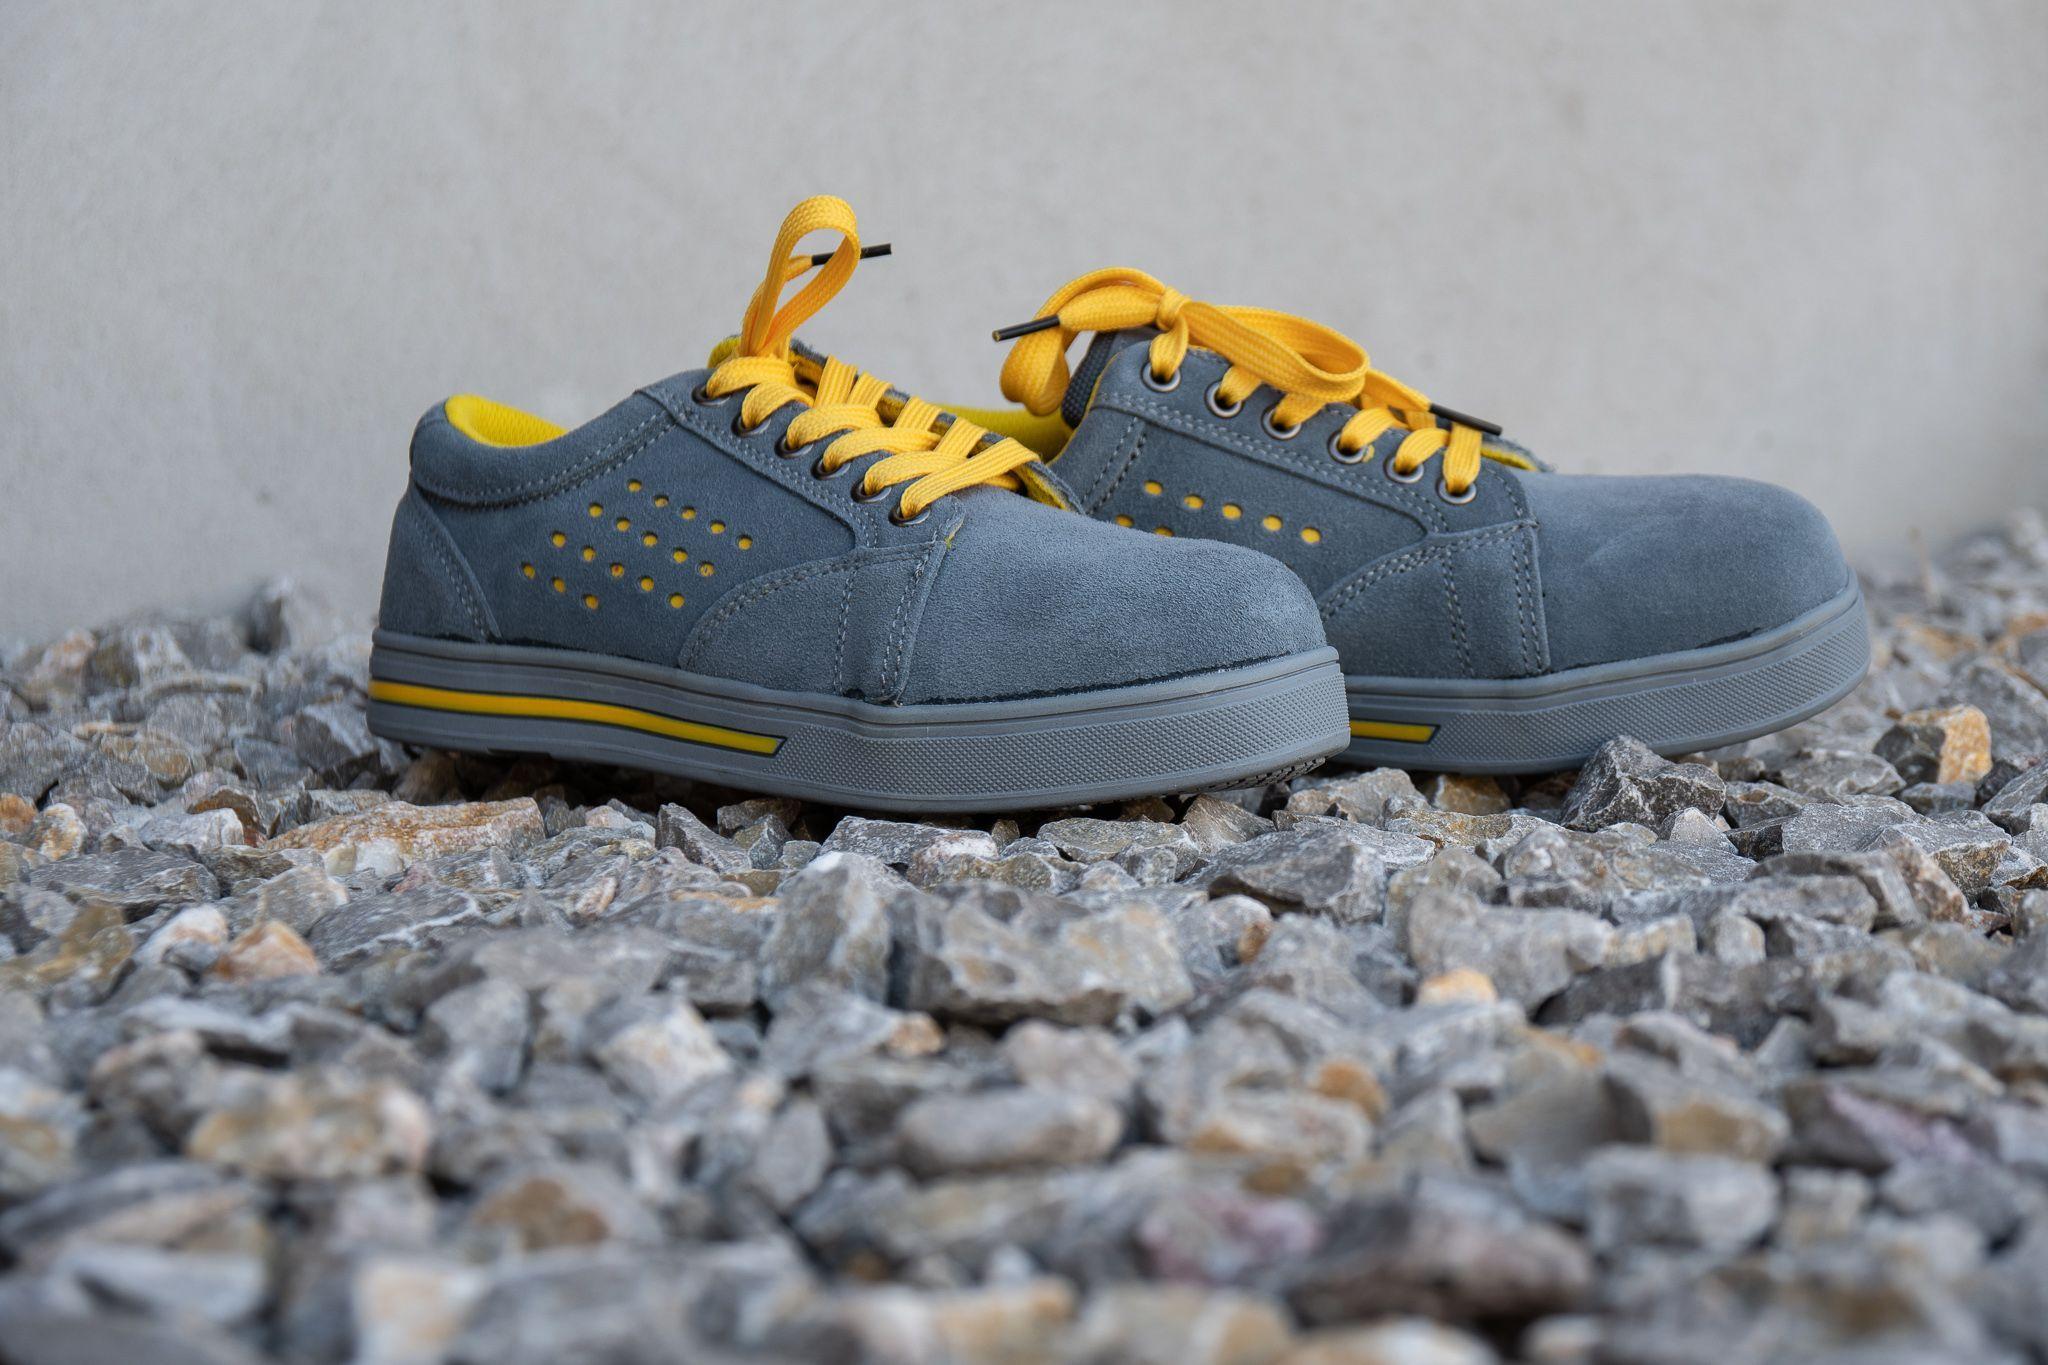 Damskie Buty Robocze Sneakersy Szare Trampki Ochronne Work Shoes Women Womens Shoes High Heels Work Shoes